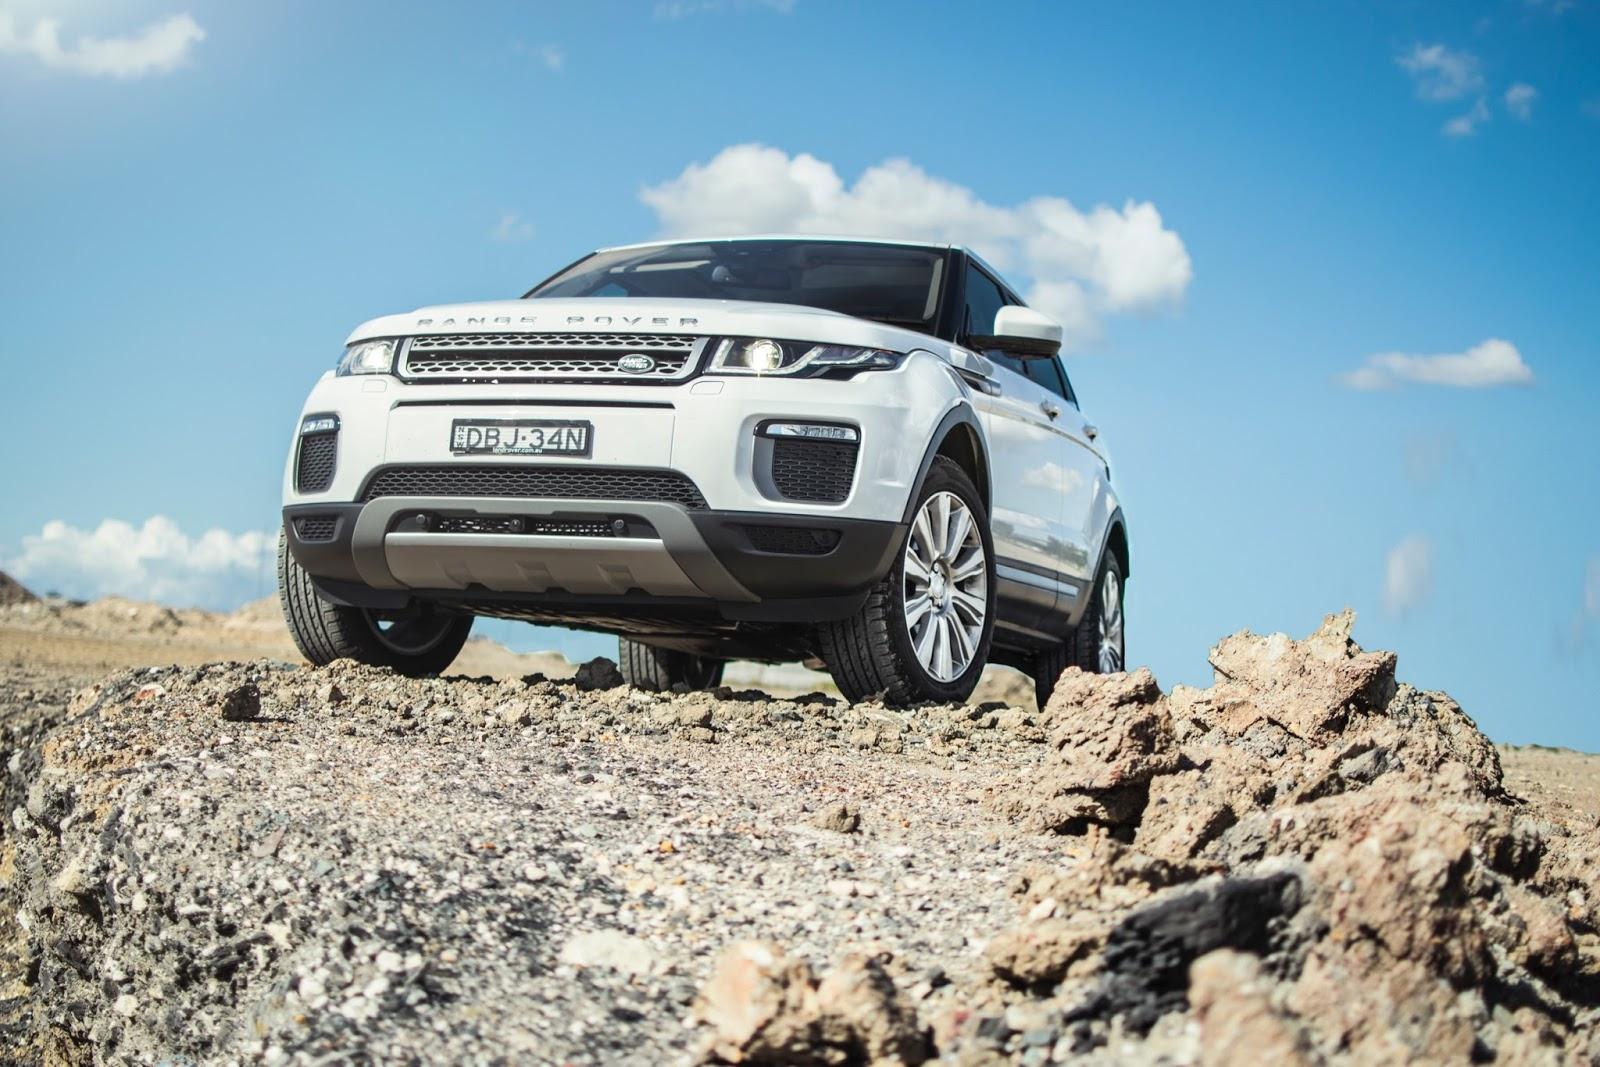 Ngoại hình tuy nhỏ, nhưng cực kỳ đậm chất Land Rover